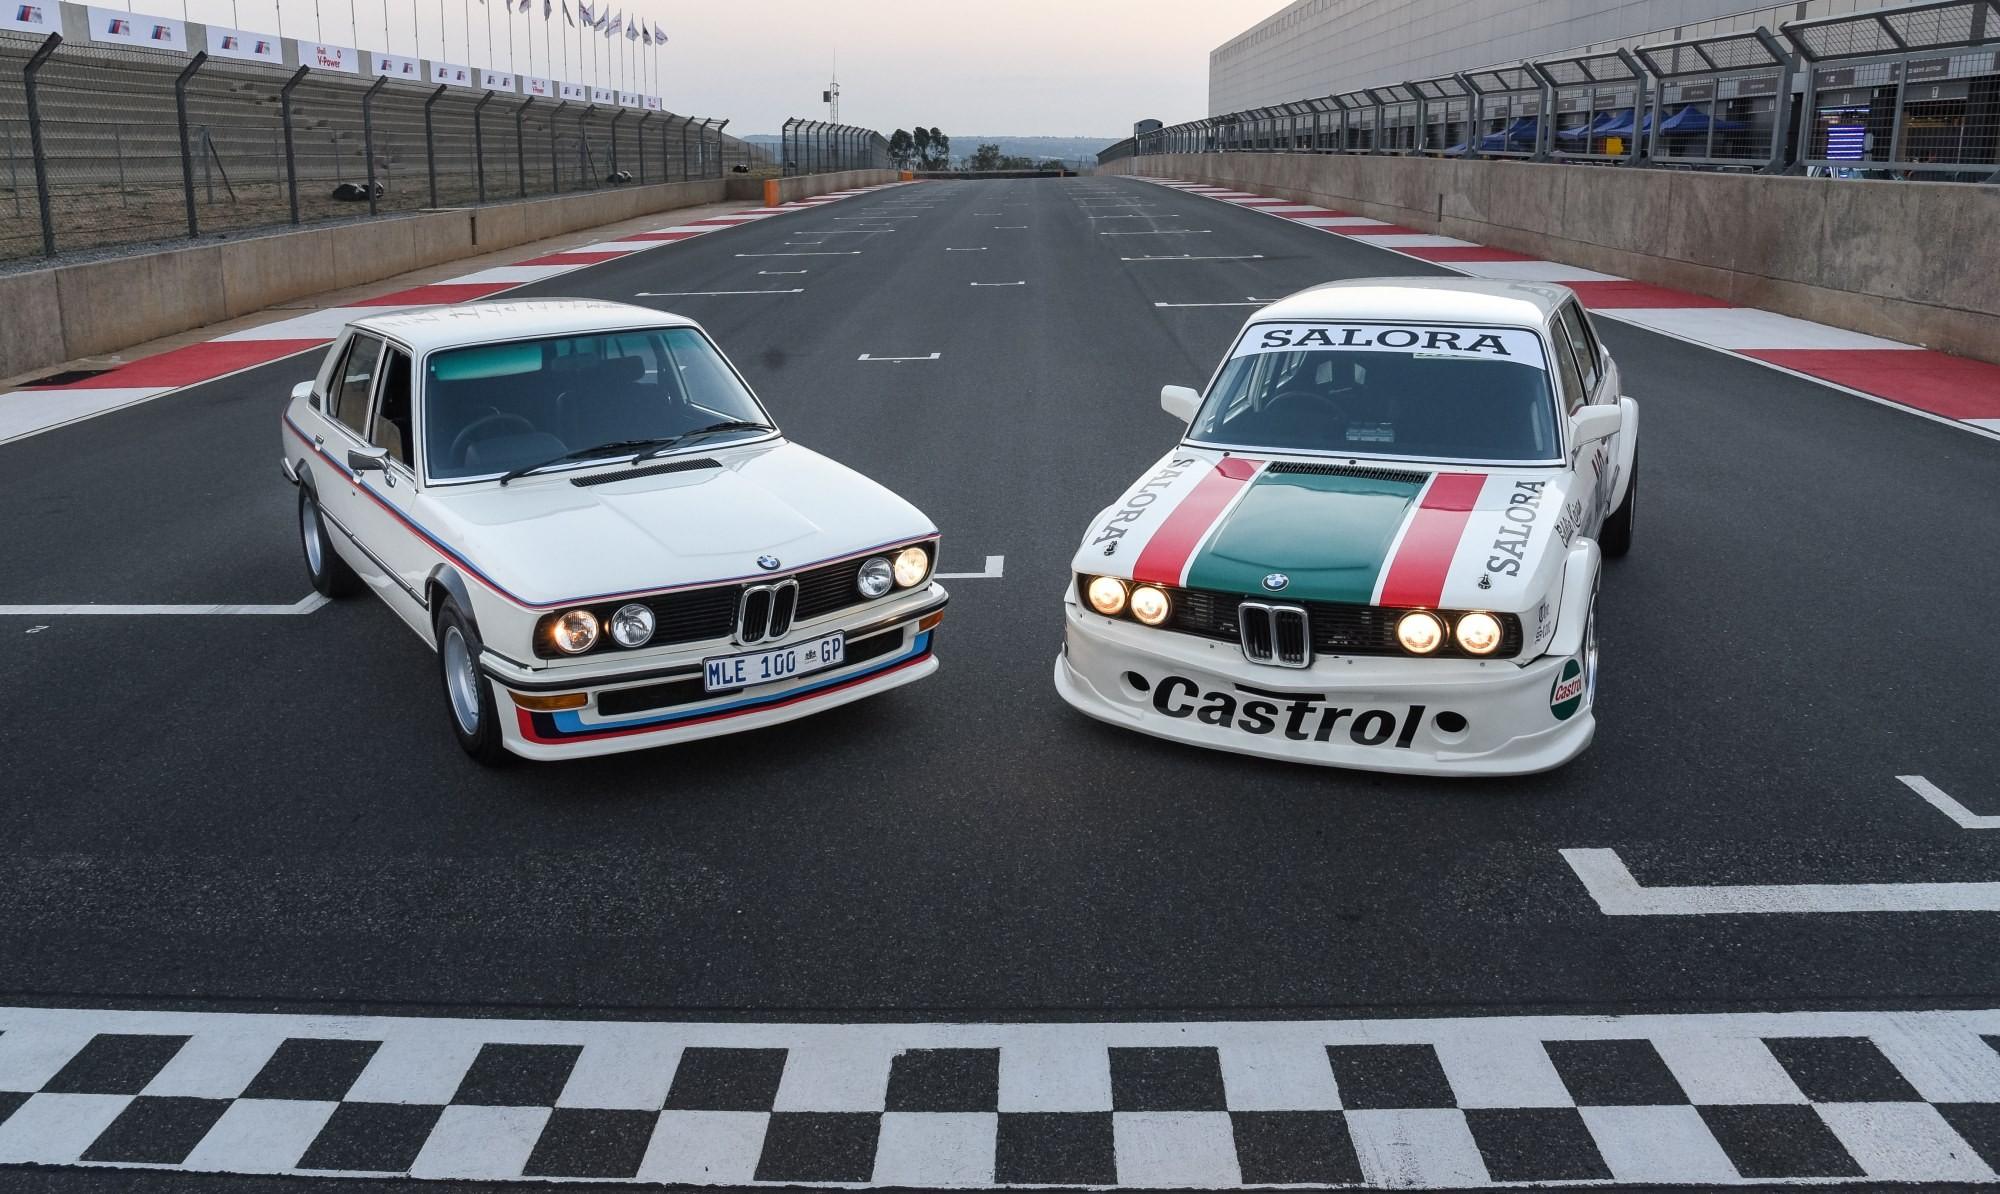 BMW 530 MLE Racecar and road car static